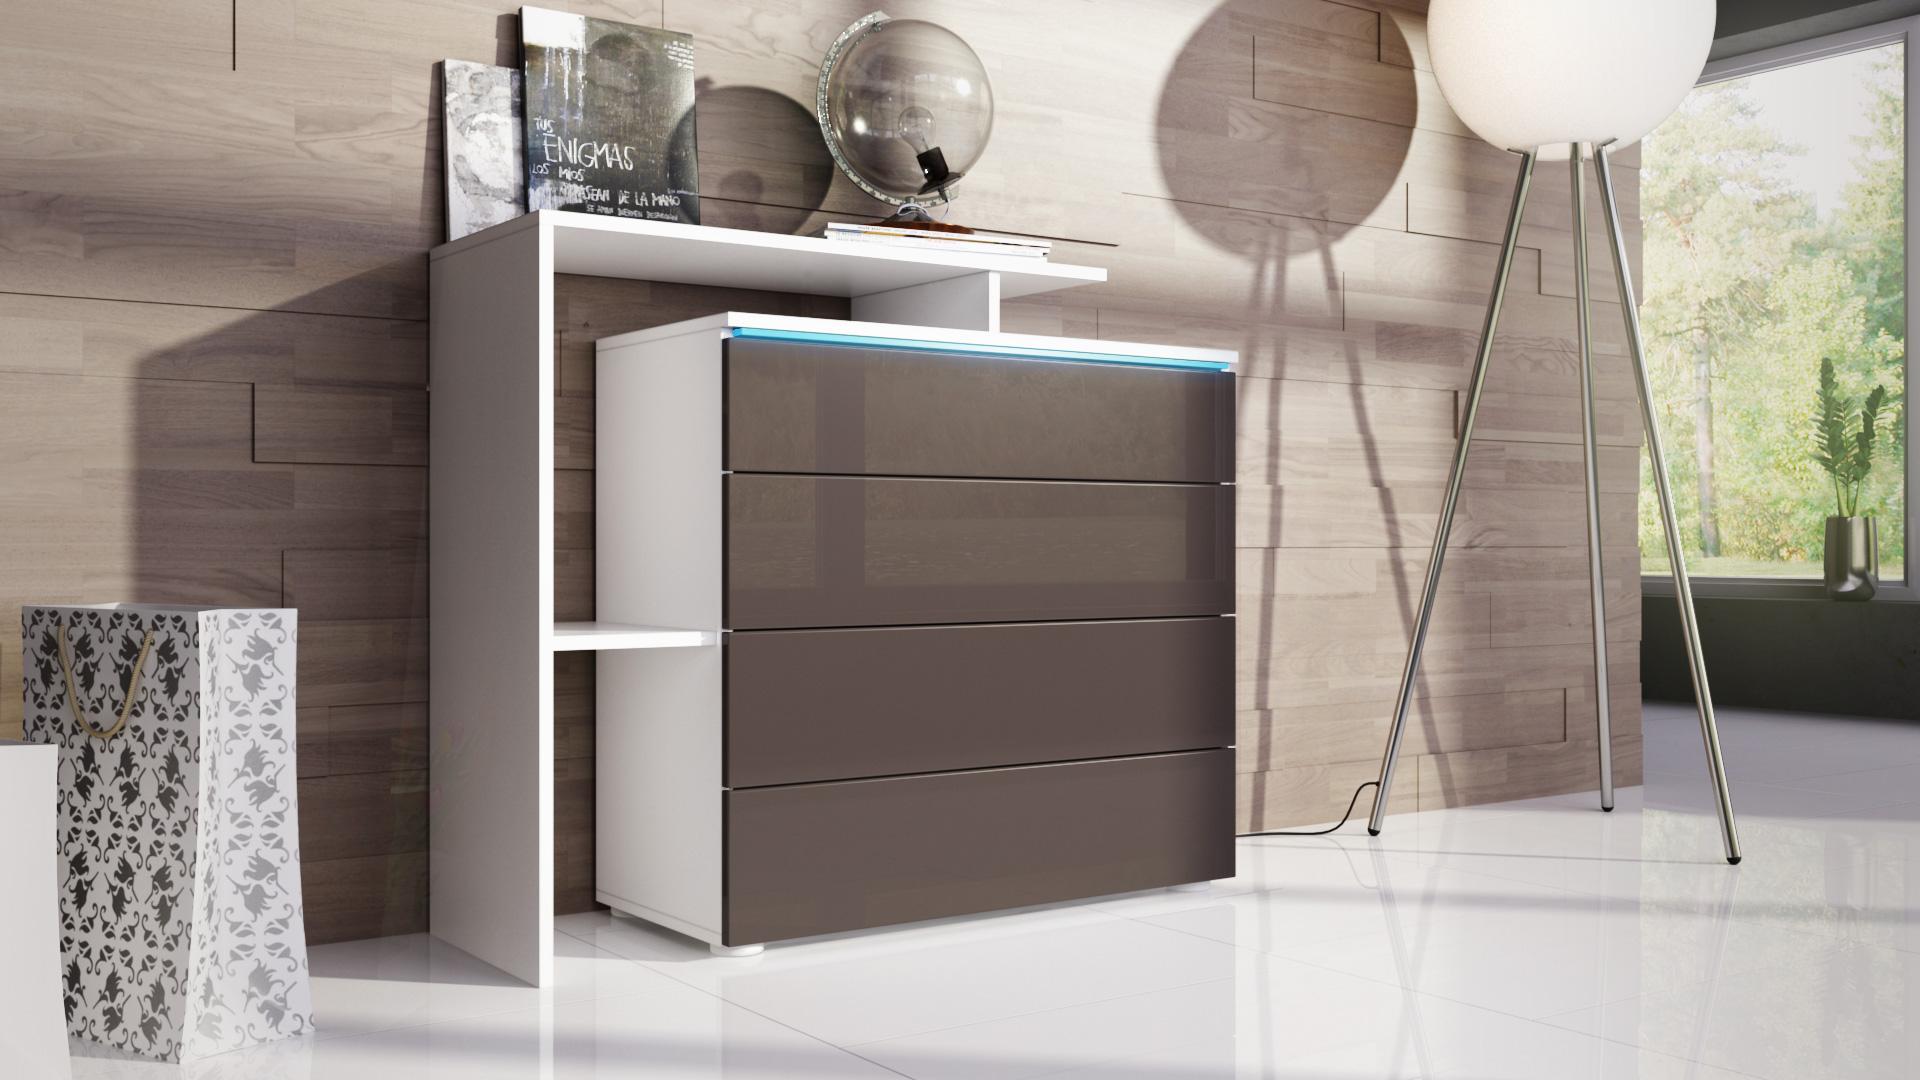 kommode schrank anrichte sideboard lissabon v2 in wei hochglanz naturt ne ebay. Black Bedroom Furniture Sets. Home Design Ideas